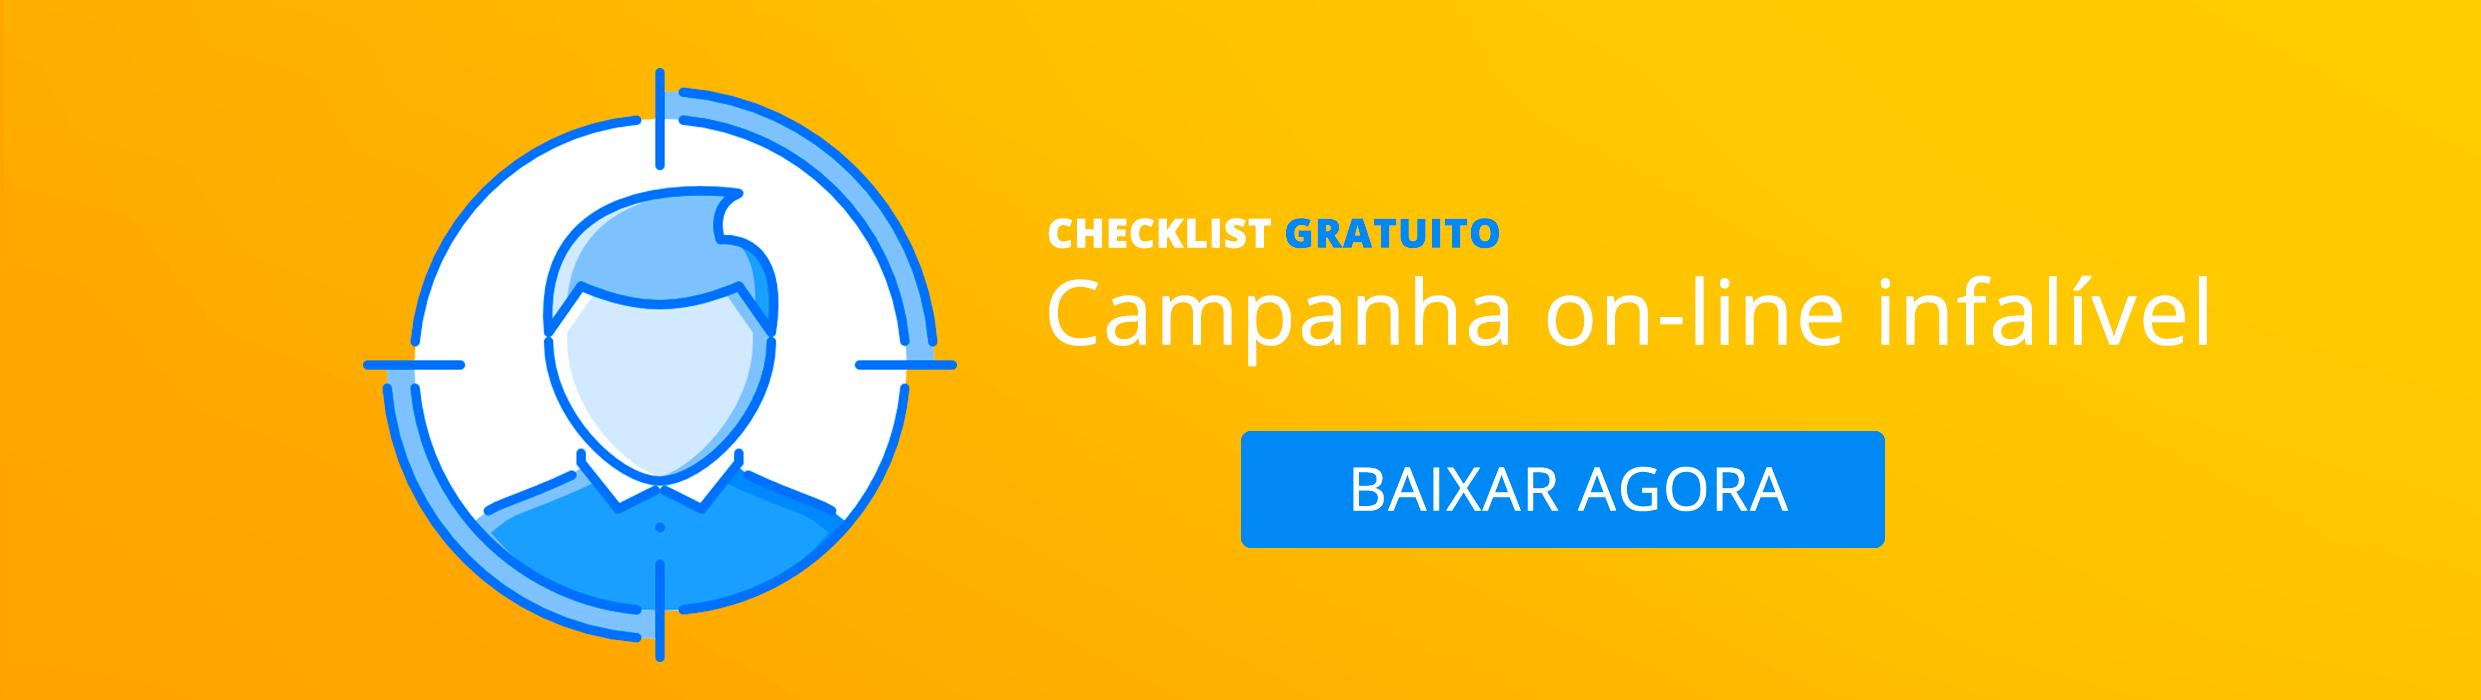 checklist da campanha online infalível